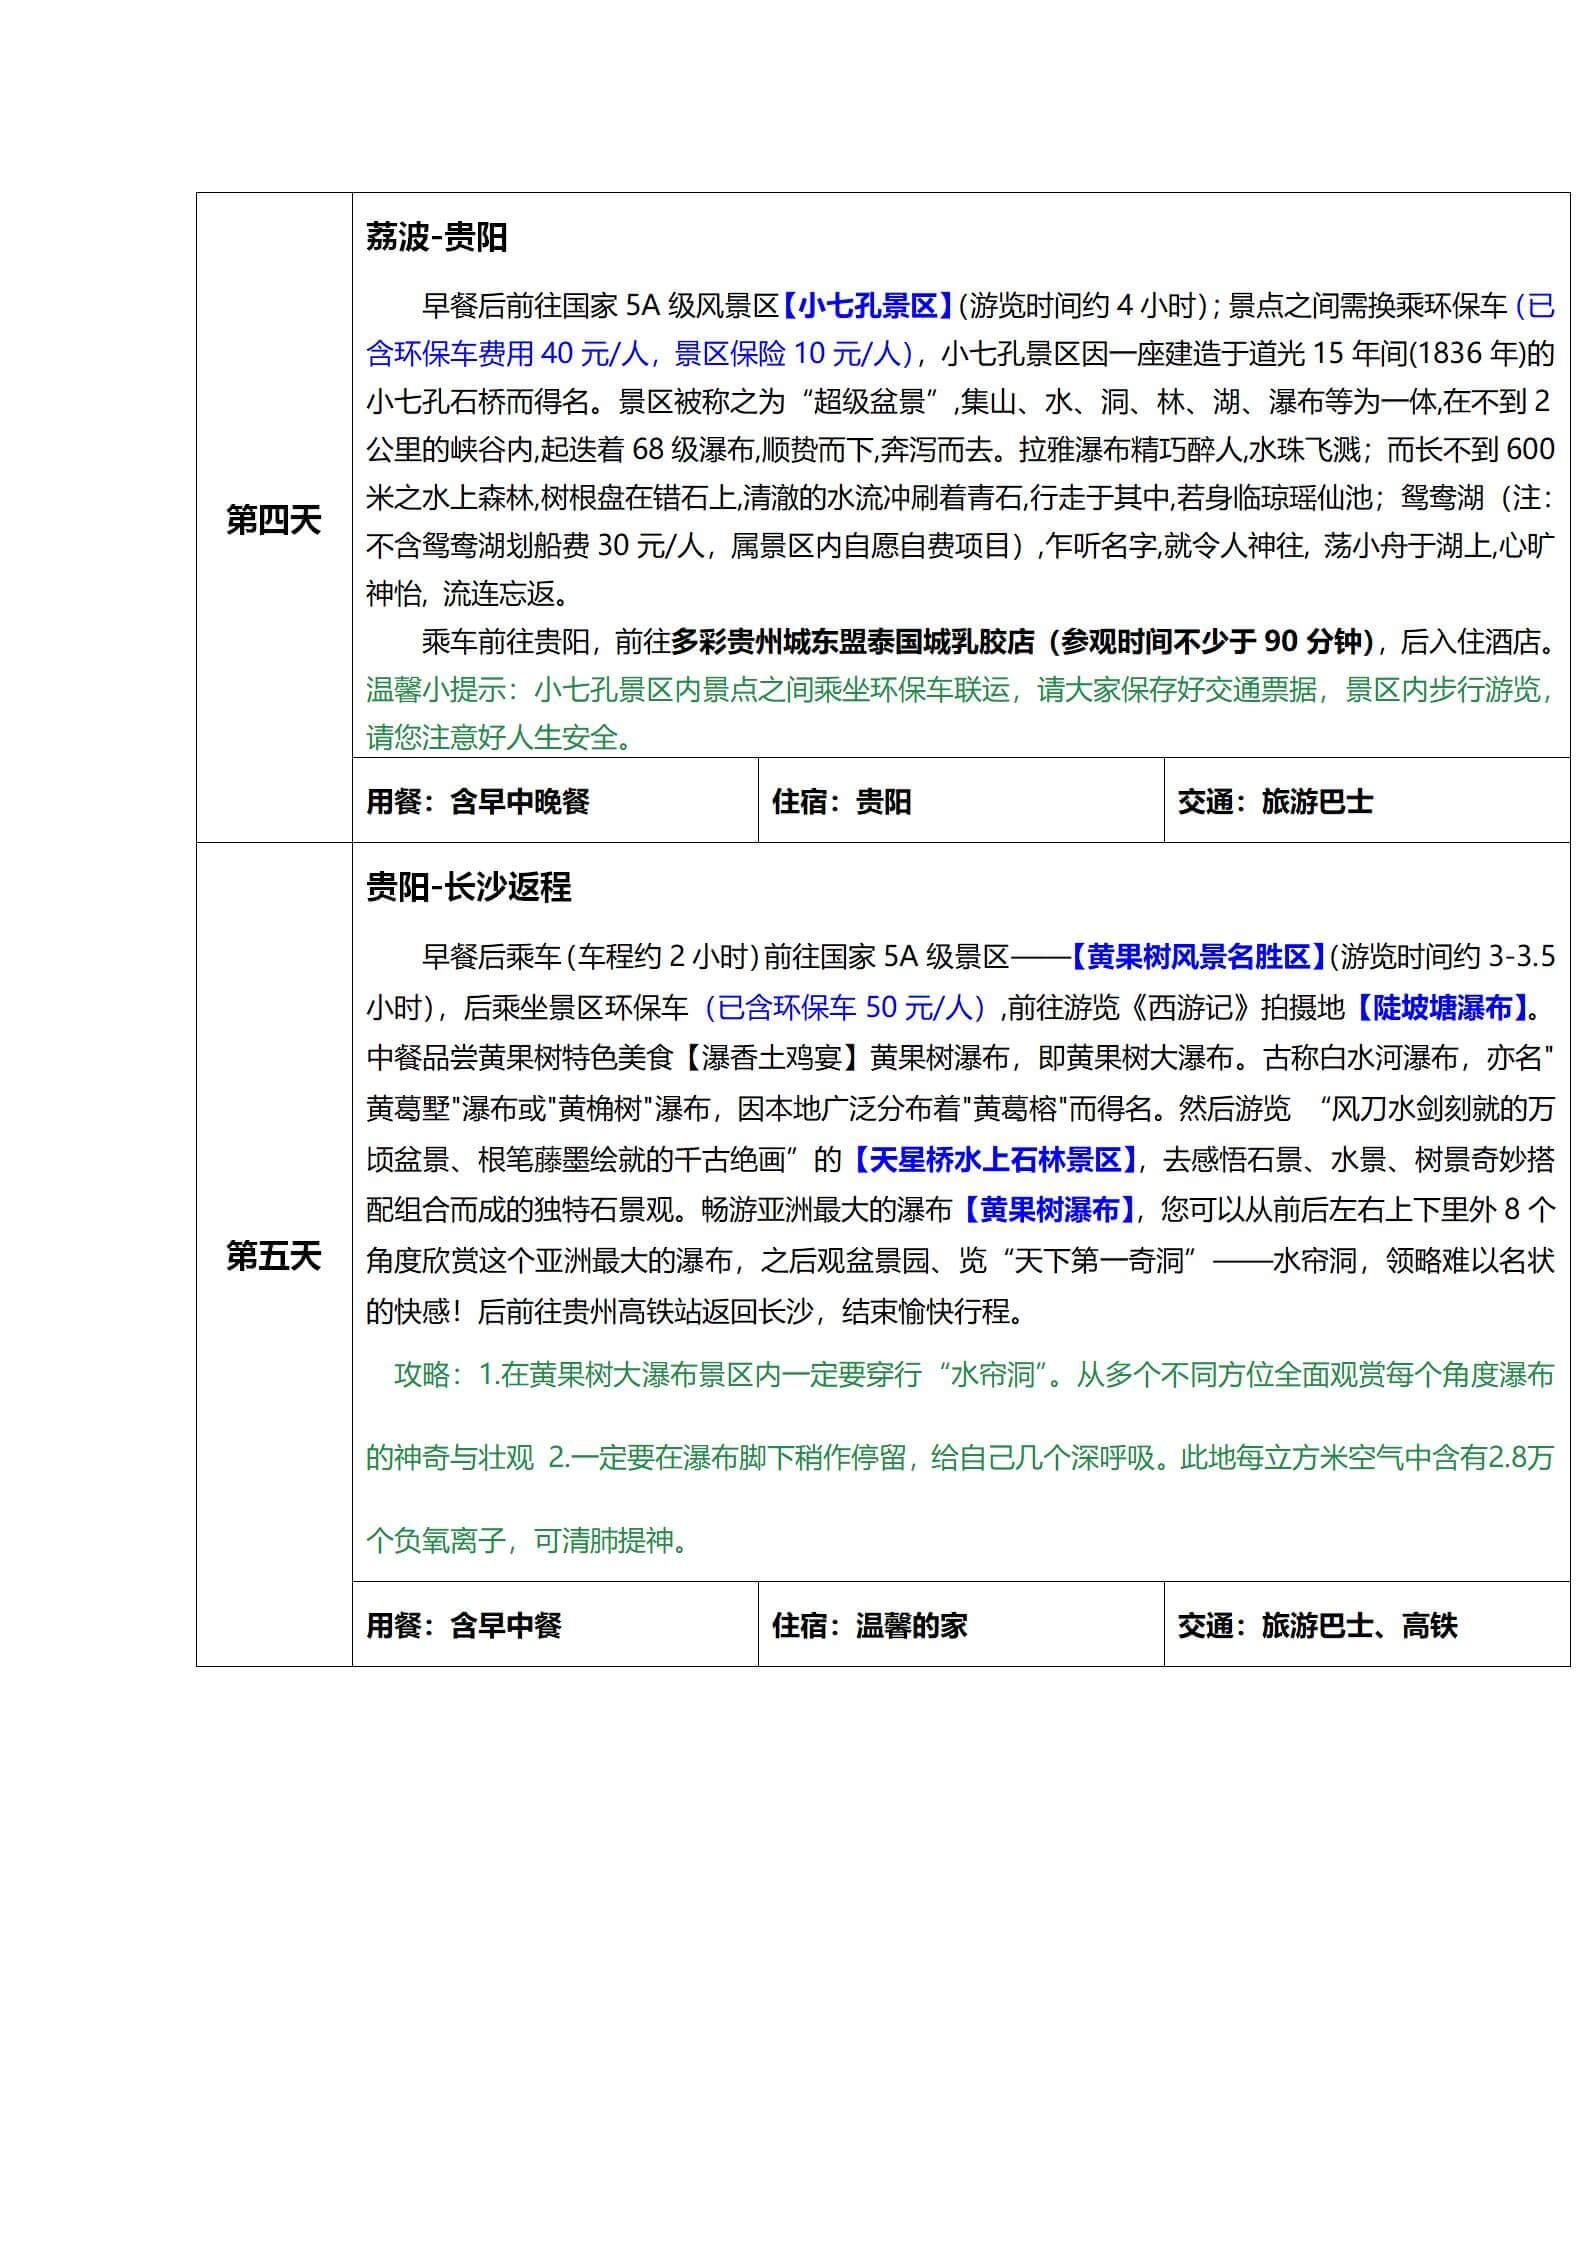 芳华正好-贵州多彩民族服装风采秀双高五日游A线(1)